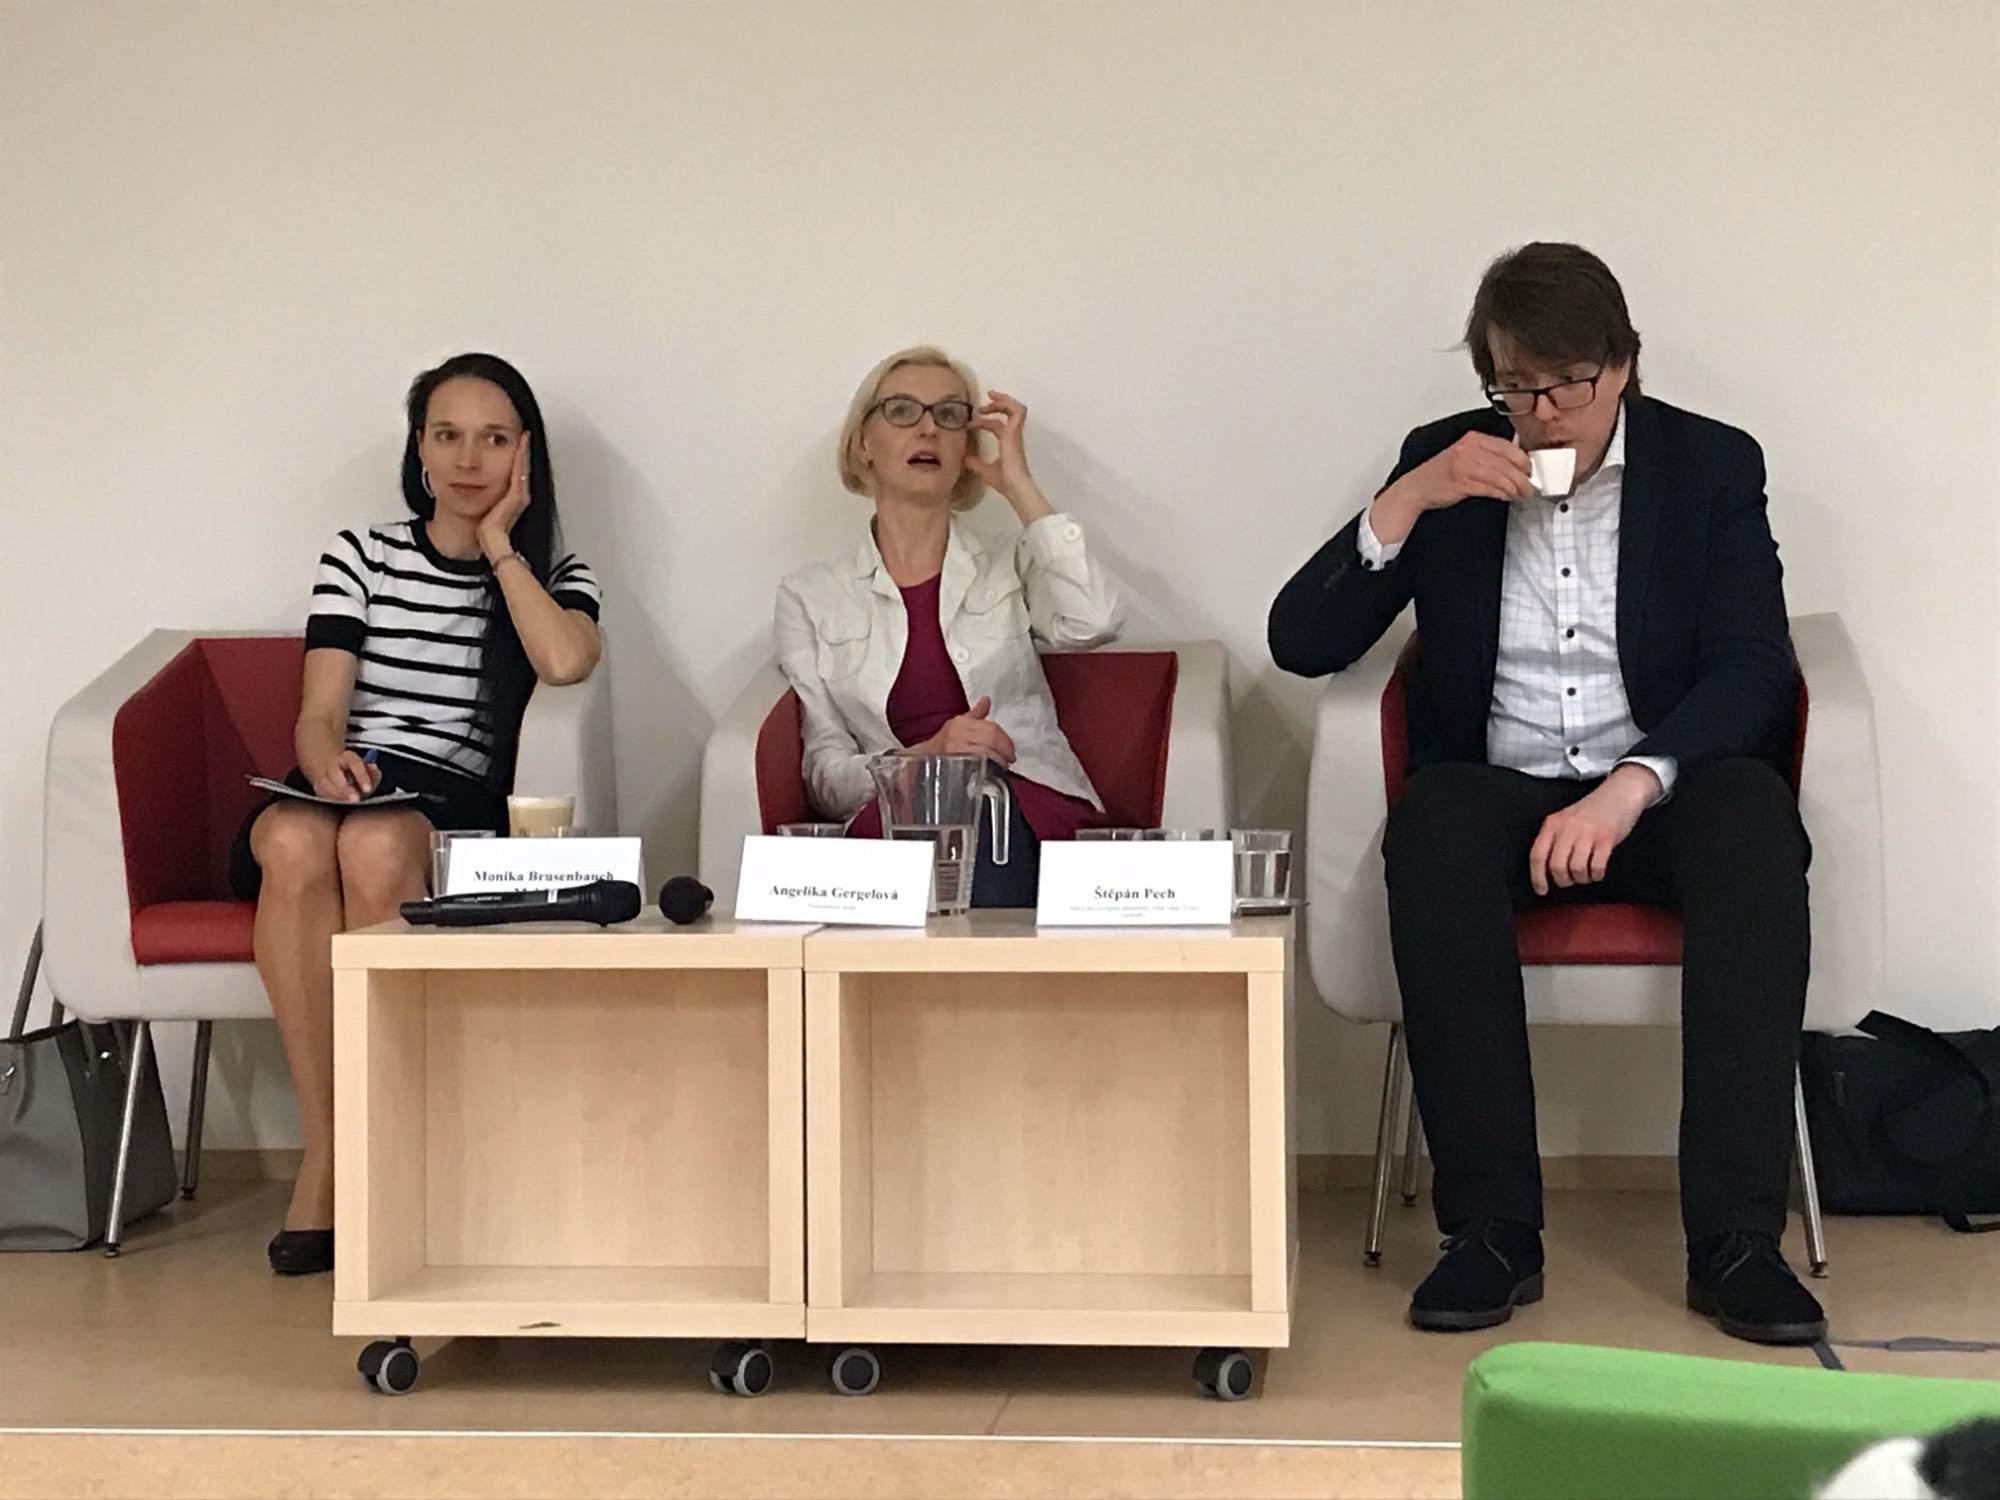 Řečníci na přednášce Brexit - velká neznámá. Vlevo Monika Brusenbauch Meislová, vpravo Štěpán Pech. Foto: Vendula Kocandová